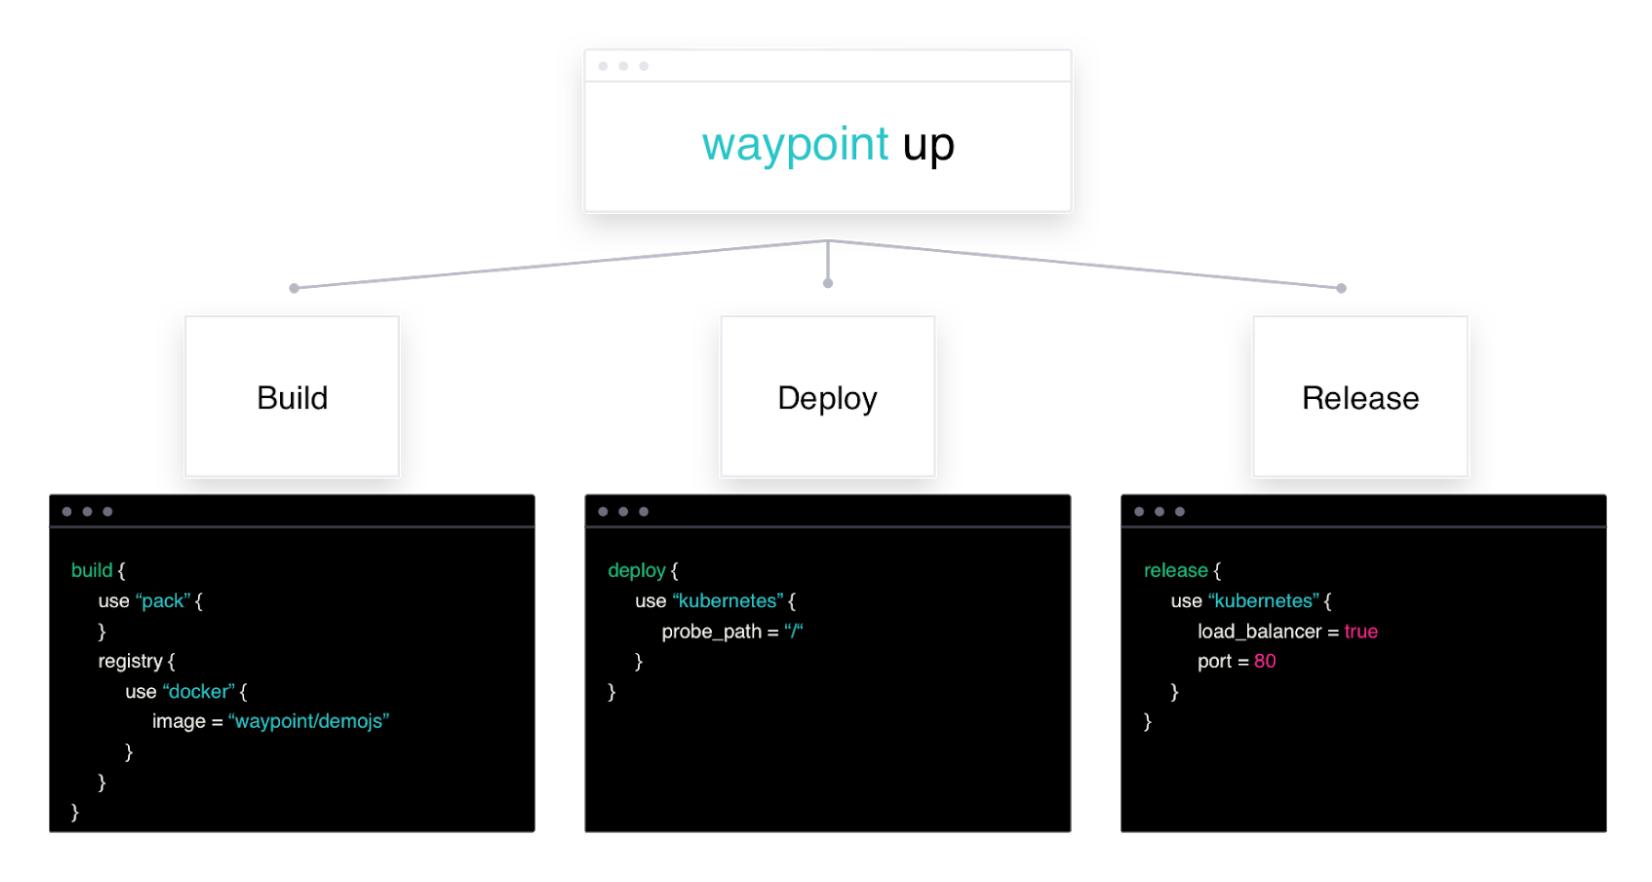 waypoint up workflow